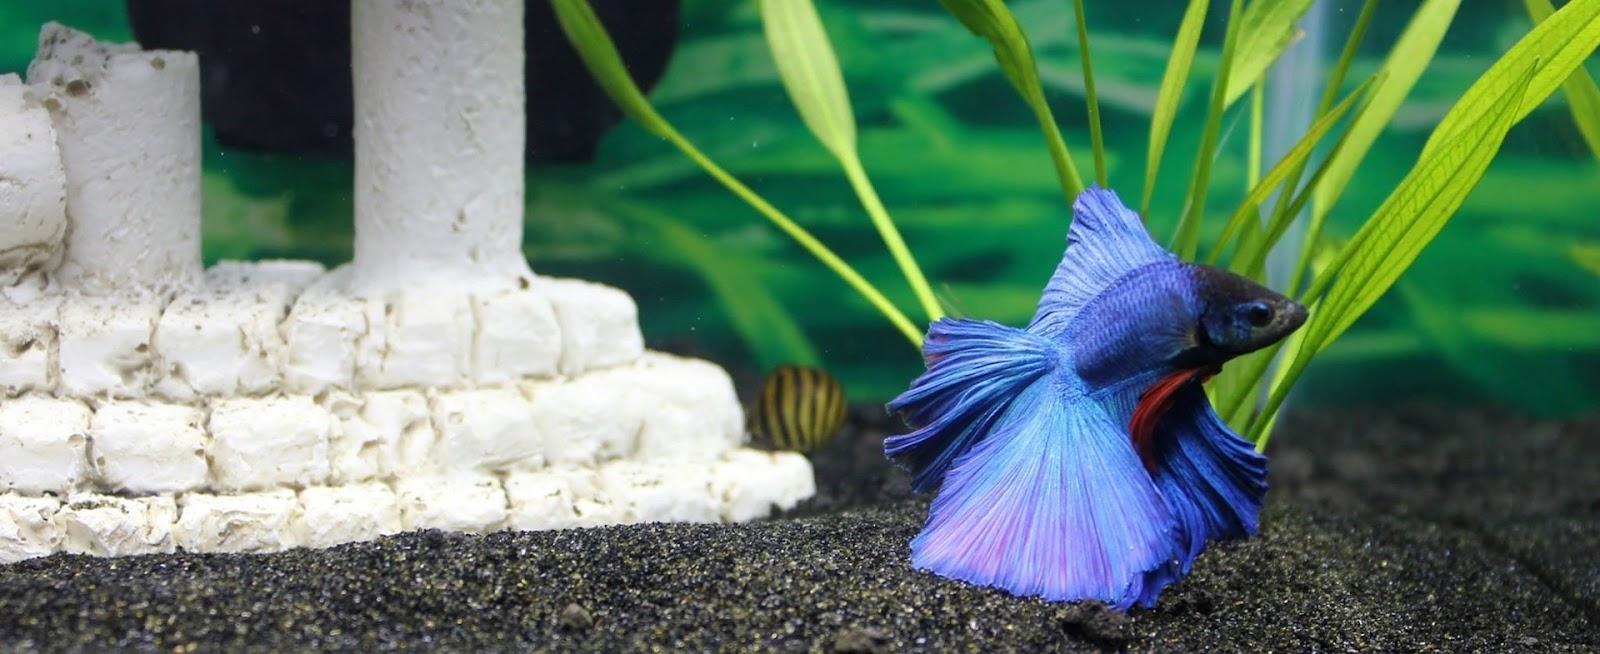 Betta with aquarium décor